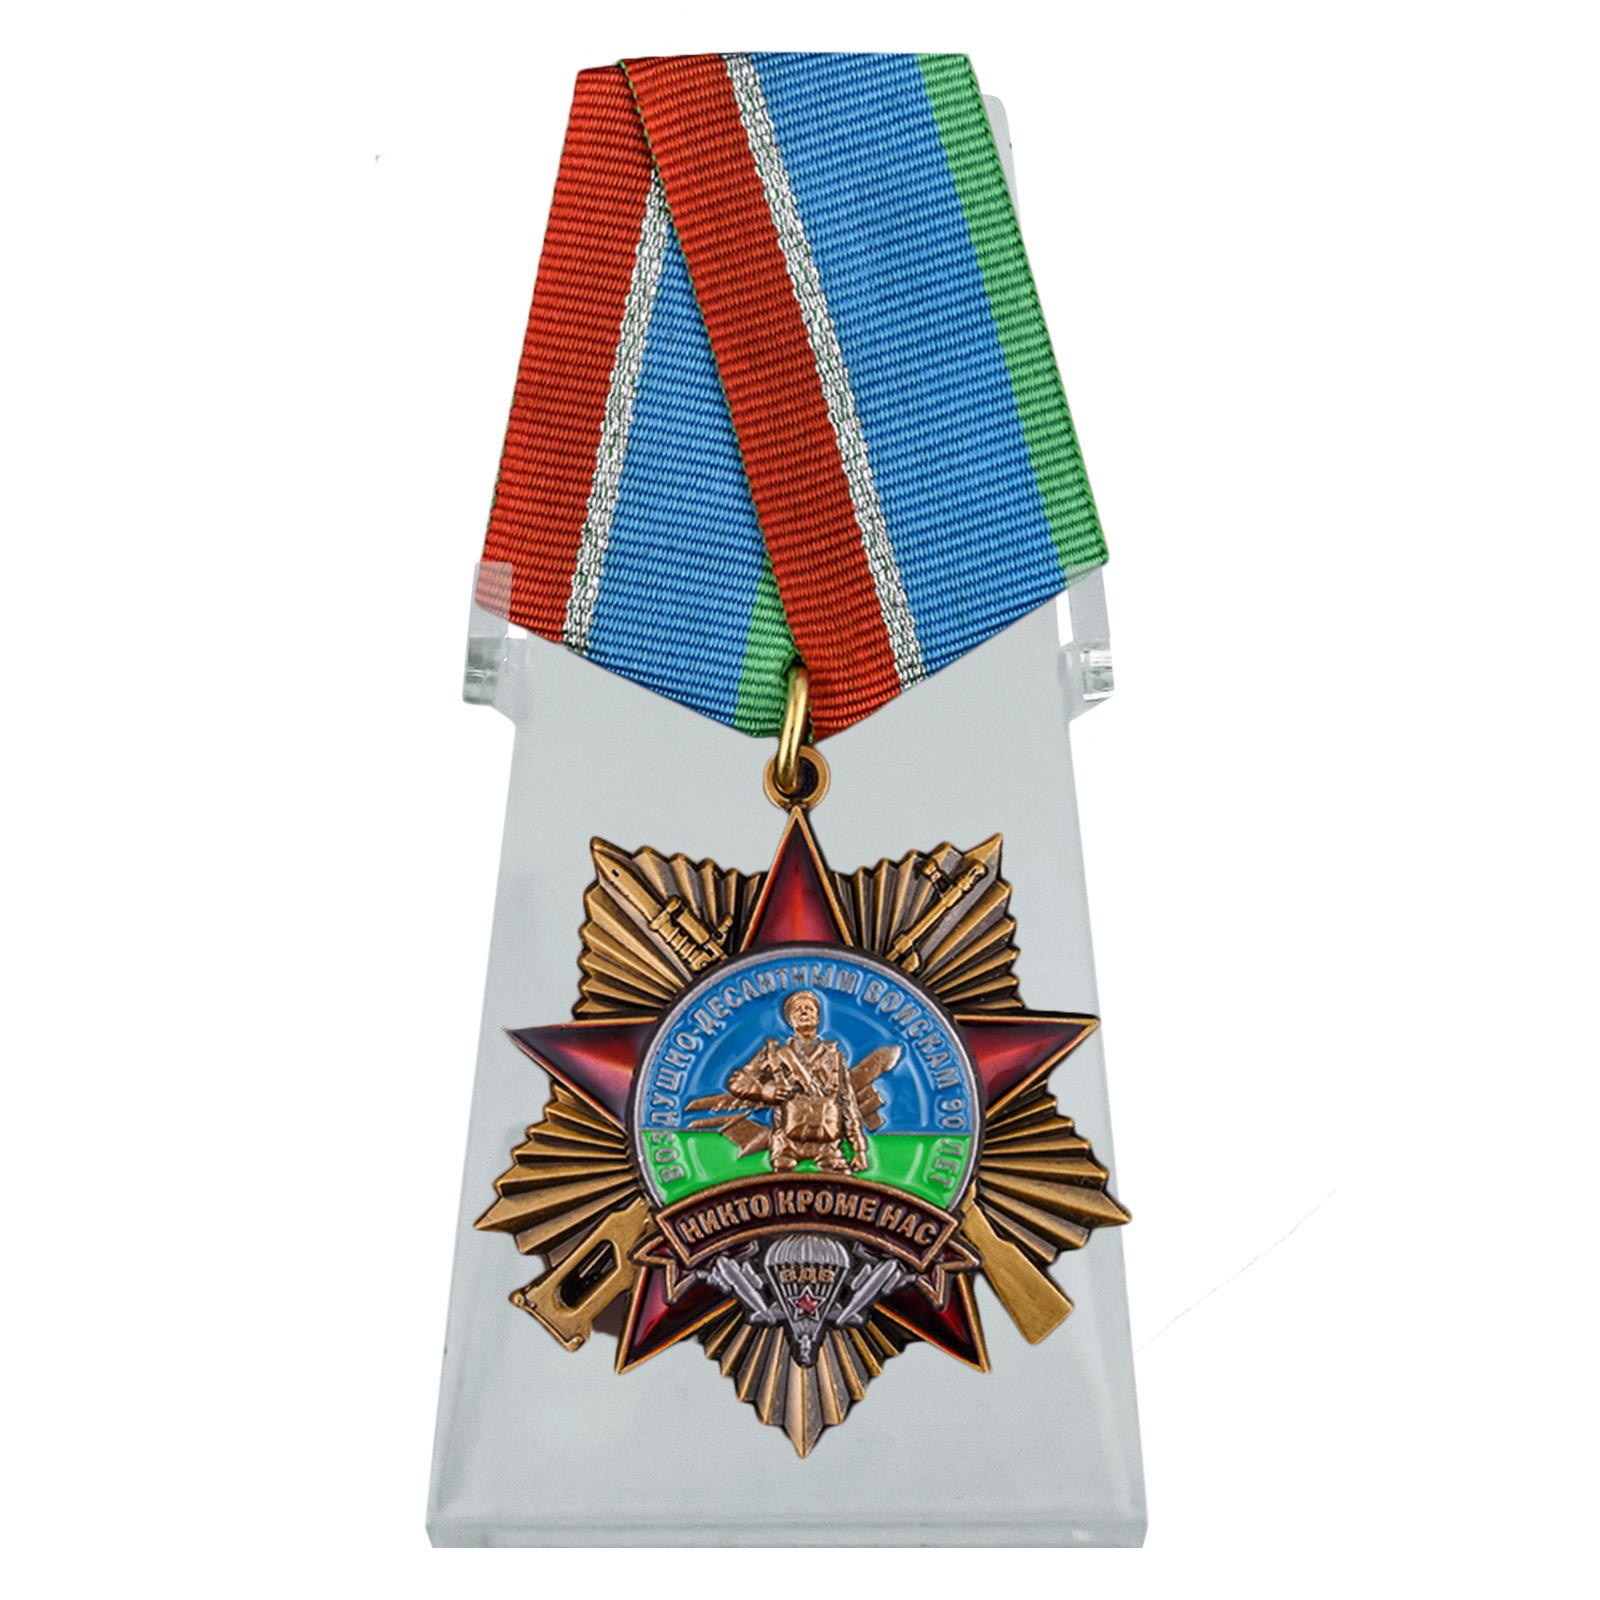 Орден 90 лет Воздушно-десантным войскам на колодке на подставке